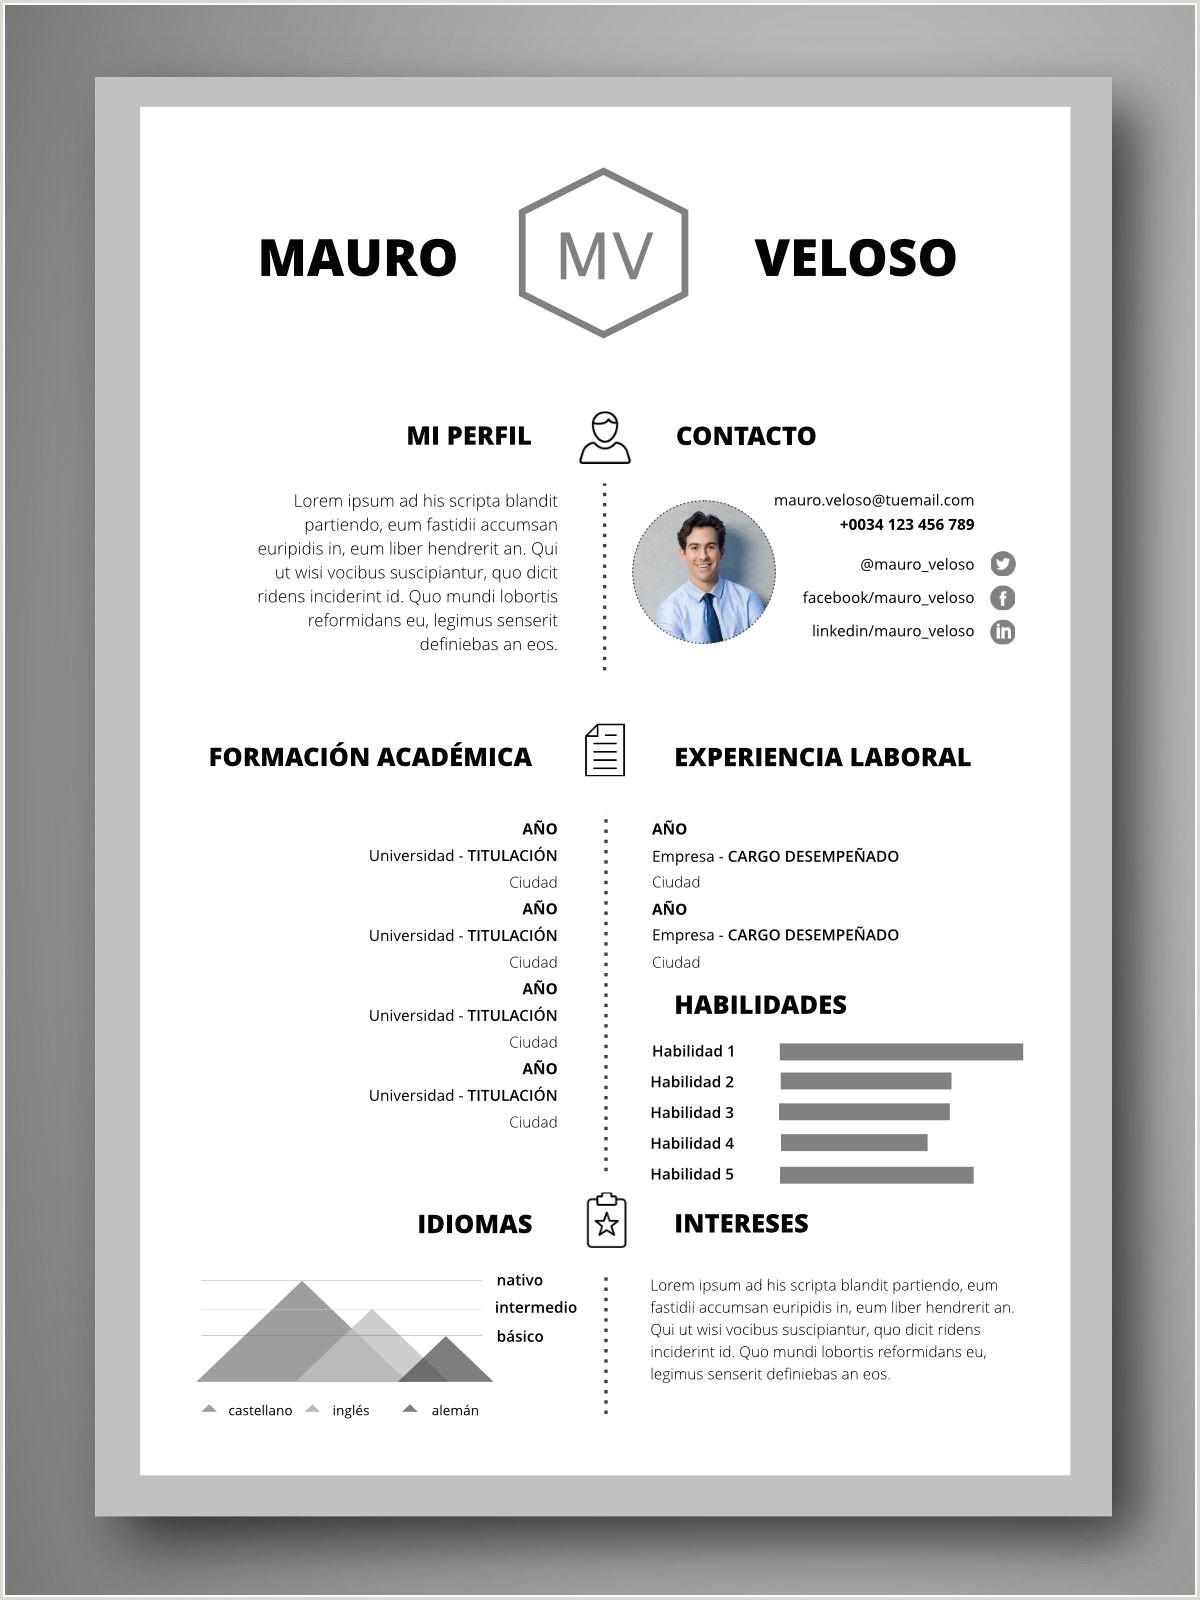 Curriculum Vitae formato Word Para Rellenar Gratis Sin Experiencia Laboral Curriculum Vitae Ingles Plantilla Word Para Rellenar